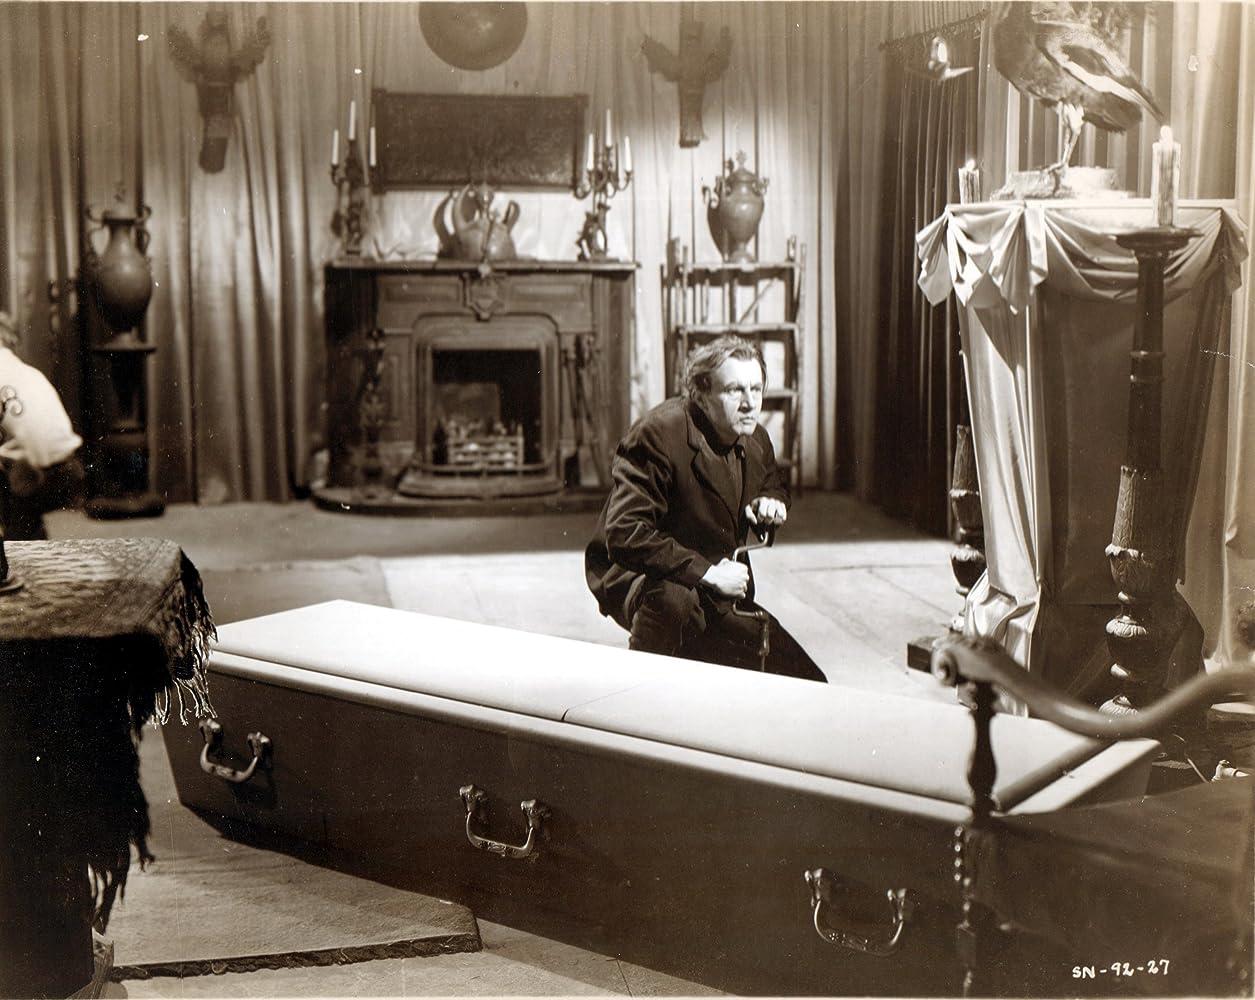 Dwight Frye in Dead Men Walk (1943)